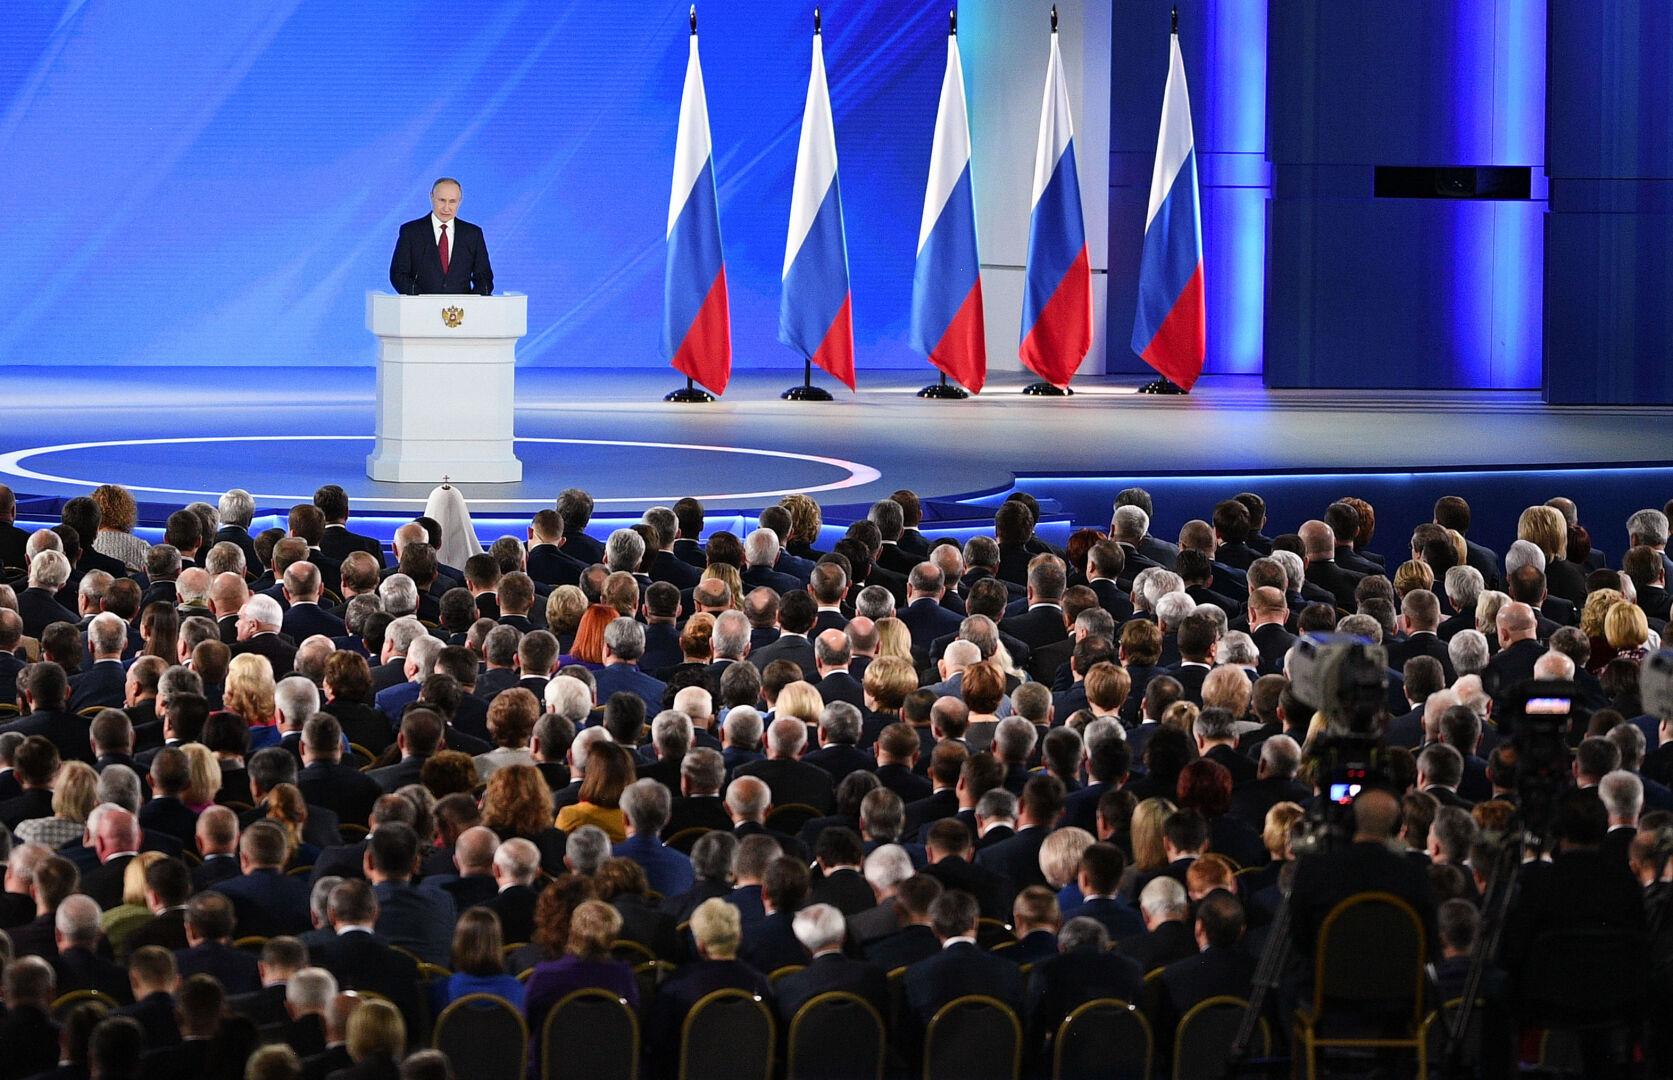 Президент огласит Послание Федеральному Собранию 21 апреля